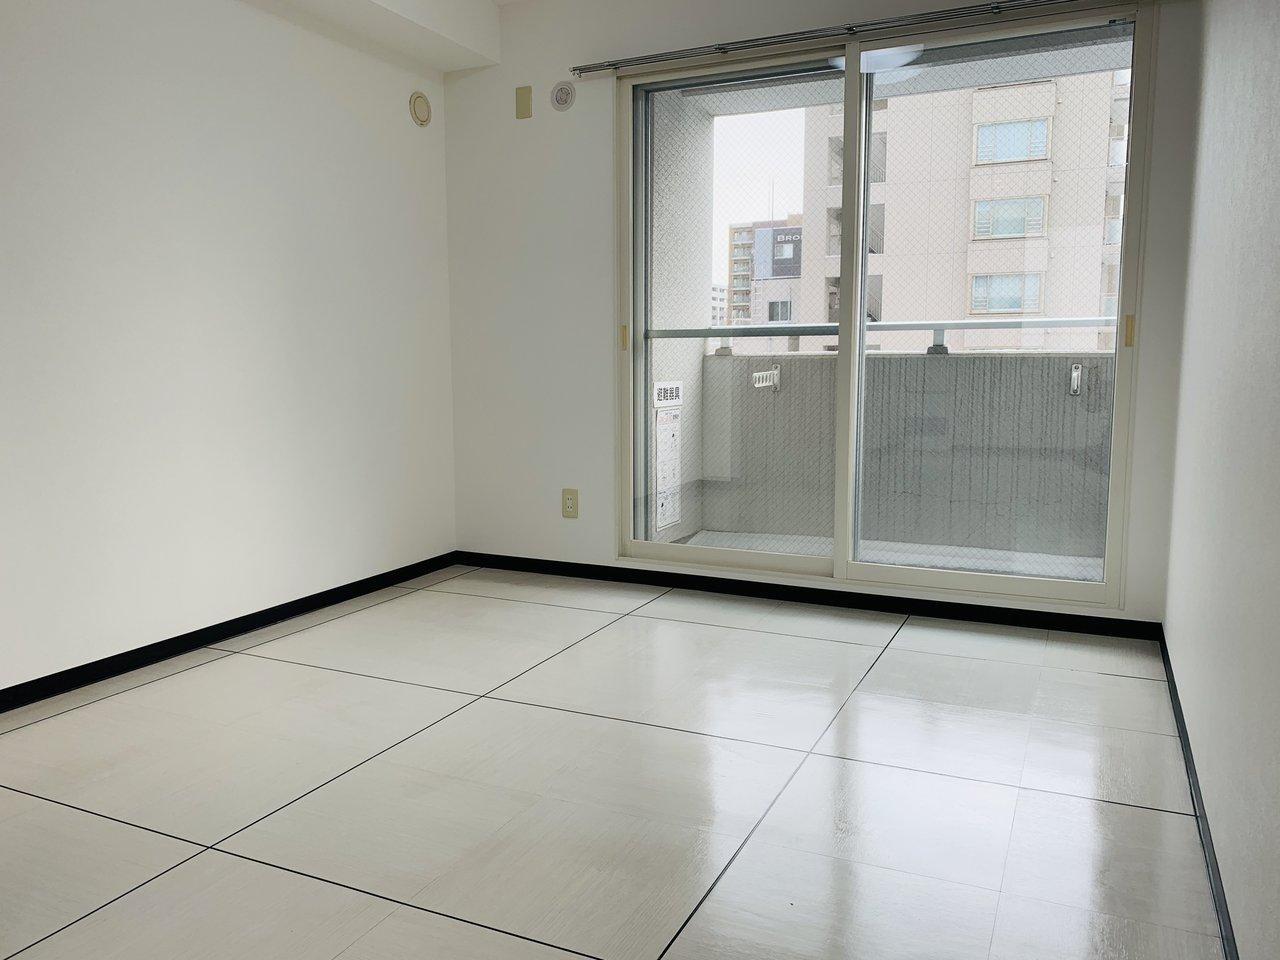 寝室部分は5.6畳。クローゼットもありますよ。奥のバルコニーに出れば7階から札幌駅周辺の街並みが望めます。